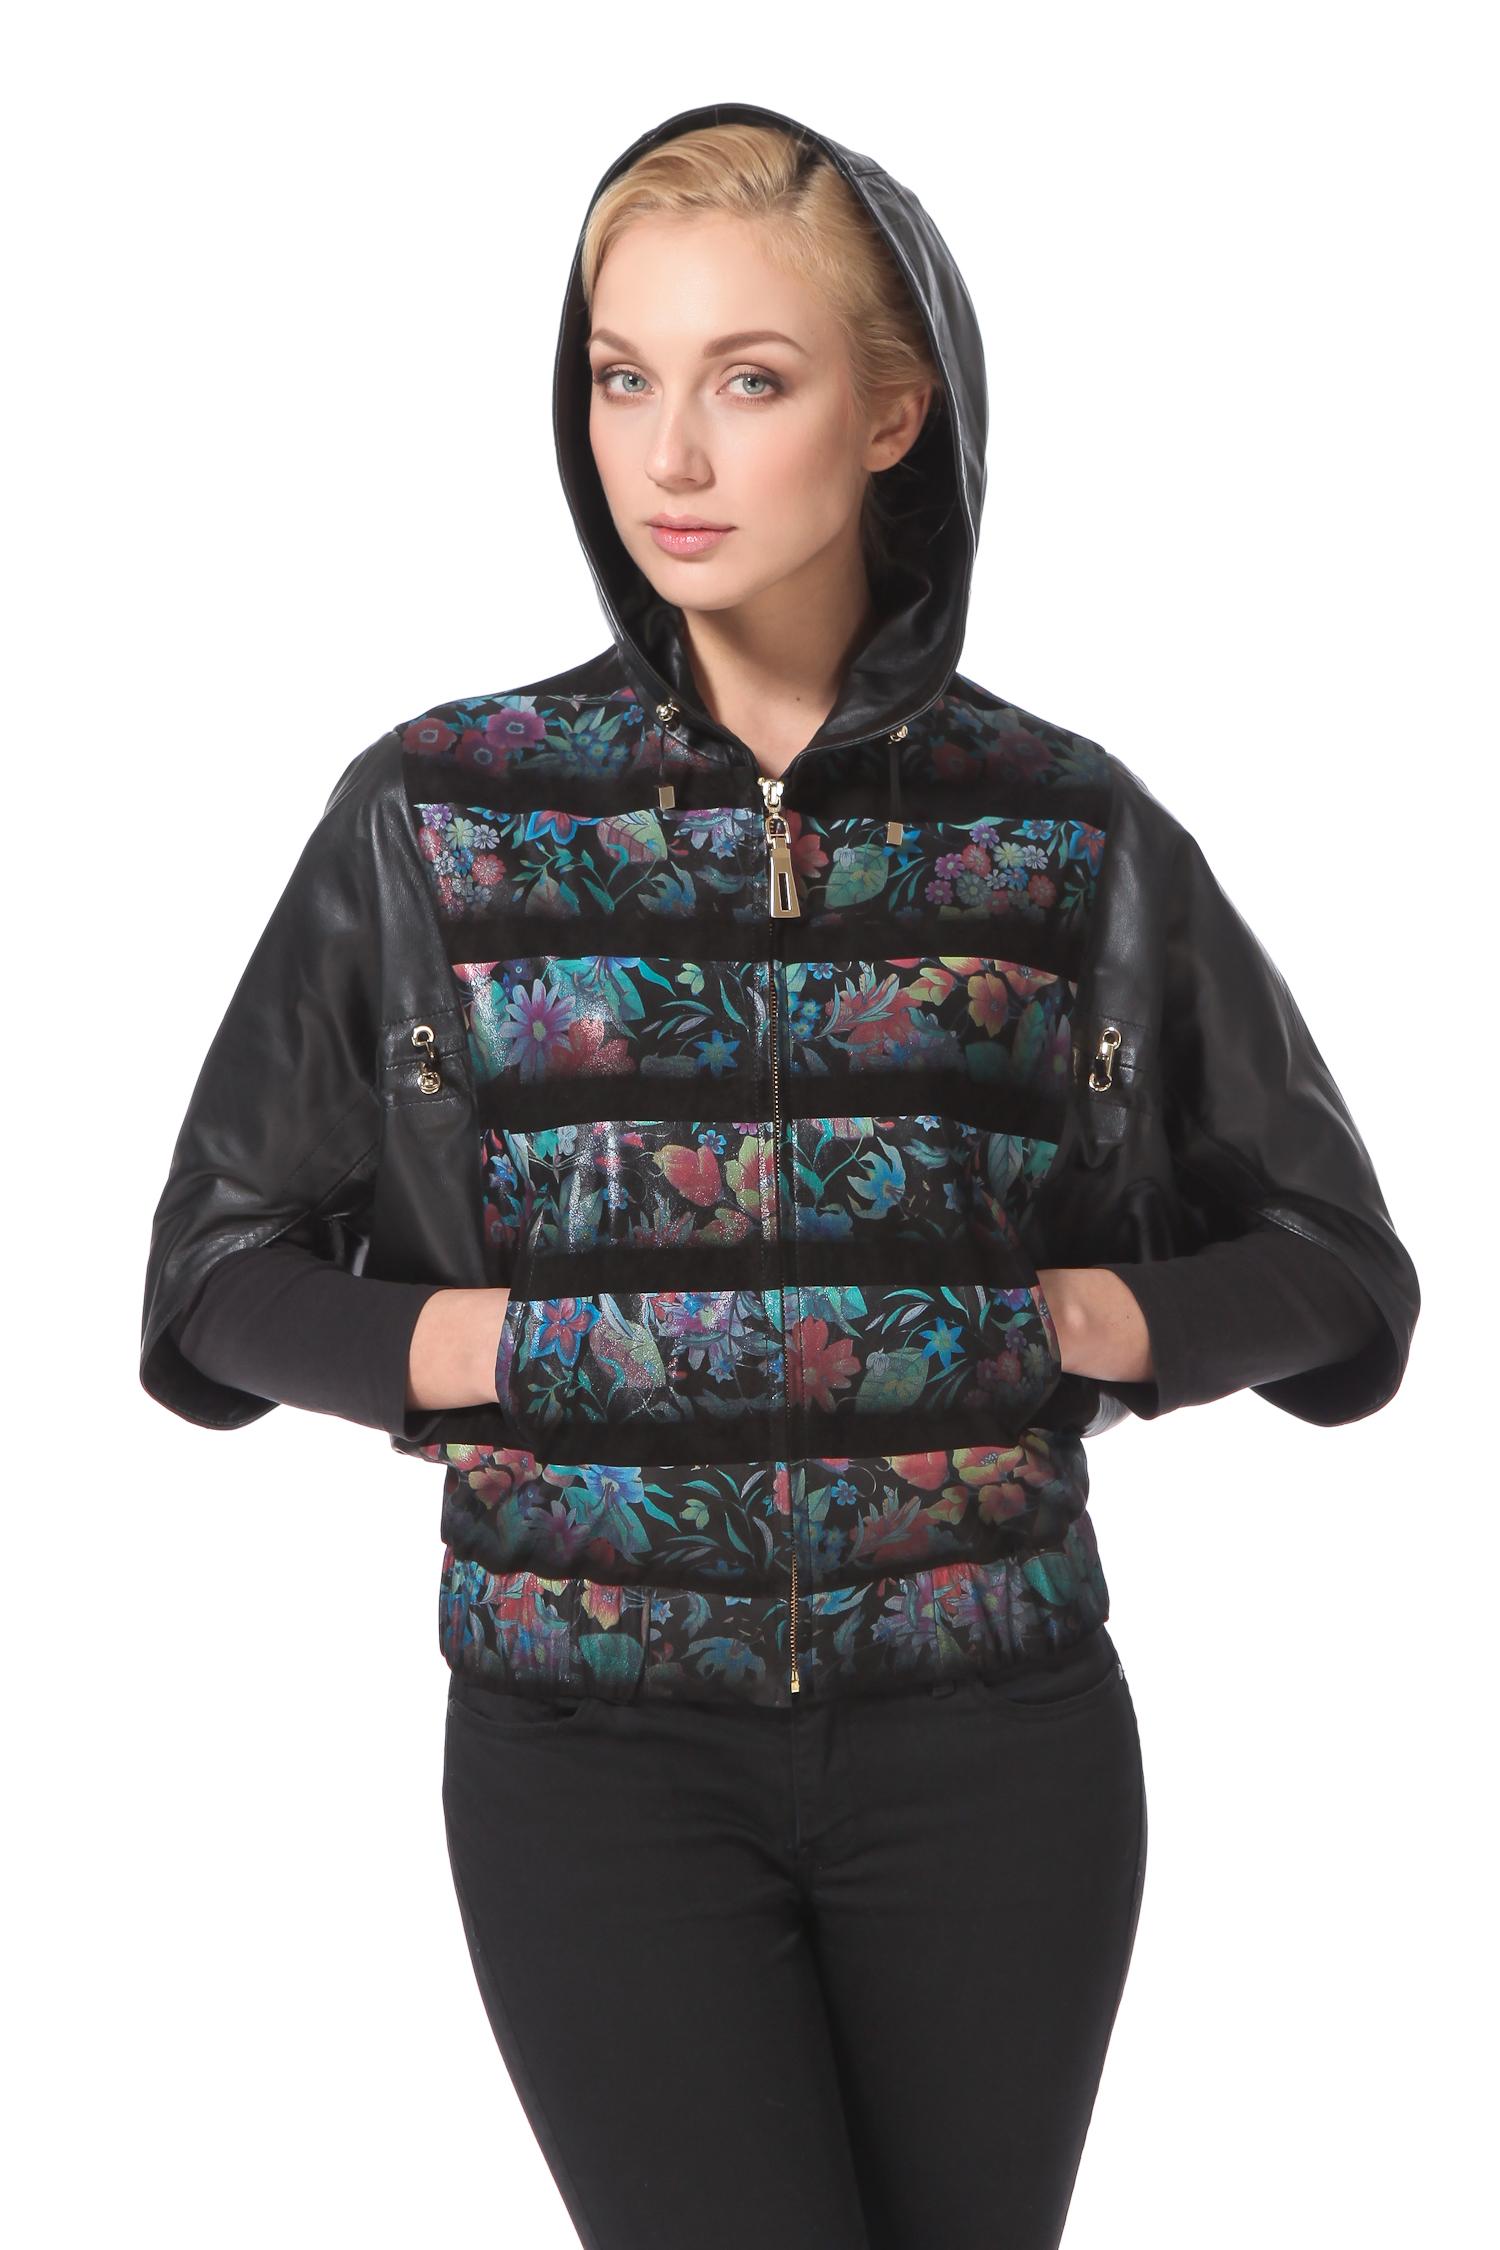 Женская кожаная куртка из натуральной замши с капюшоном, без отделки<br><br>Воротник: капюшон<br>Длина см: Короткая (51-74 )<br>Материал: Замша<br>Цвет: черный<br>Застежка: на молнии<br>Пол: Женский<br>Размер RU: 50